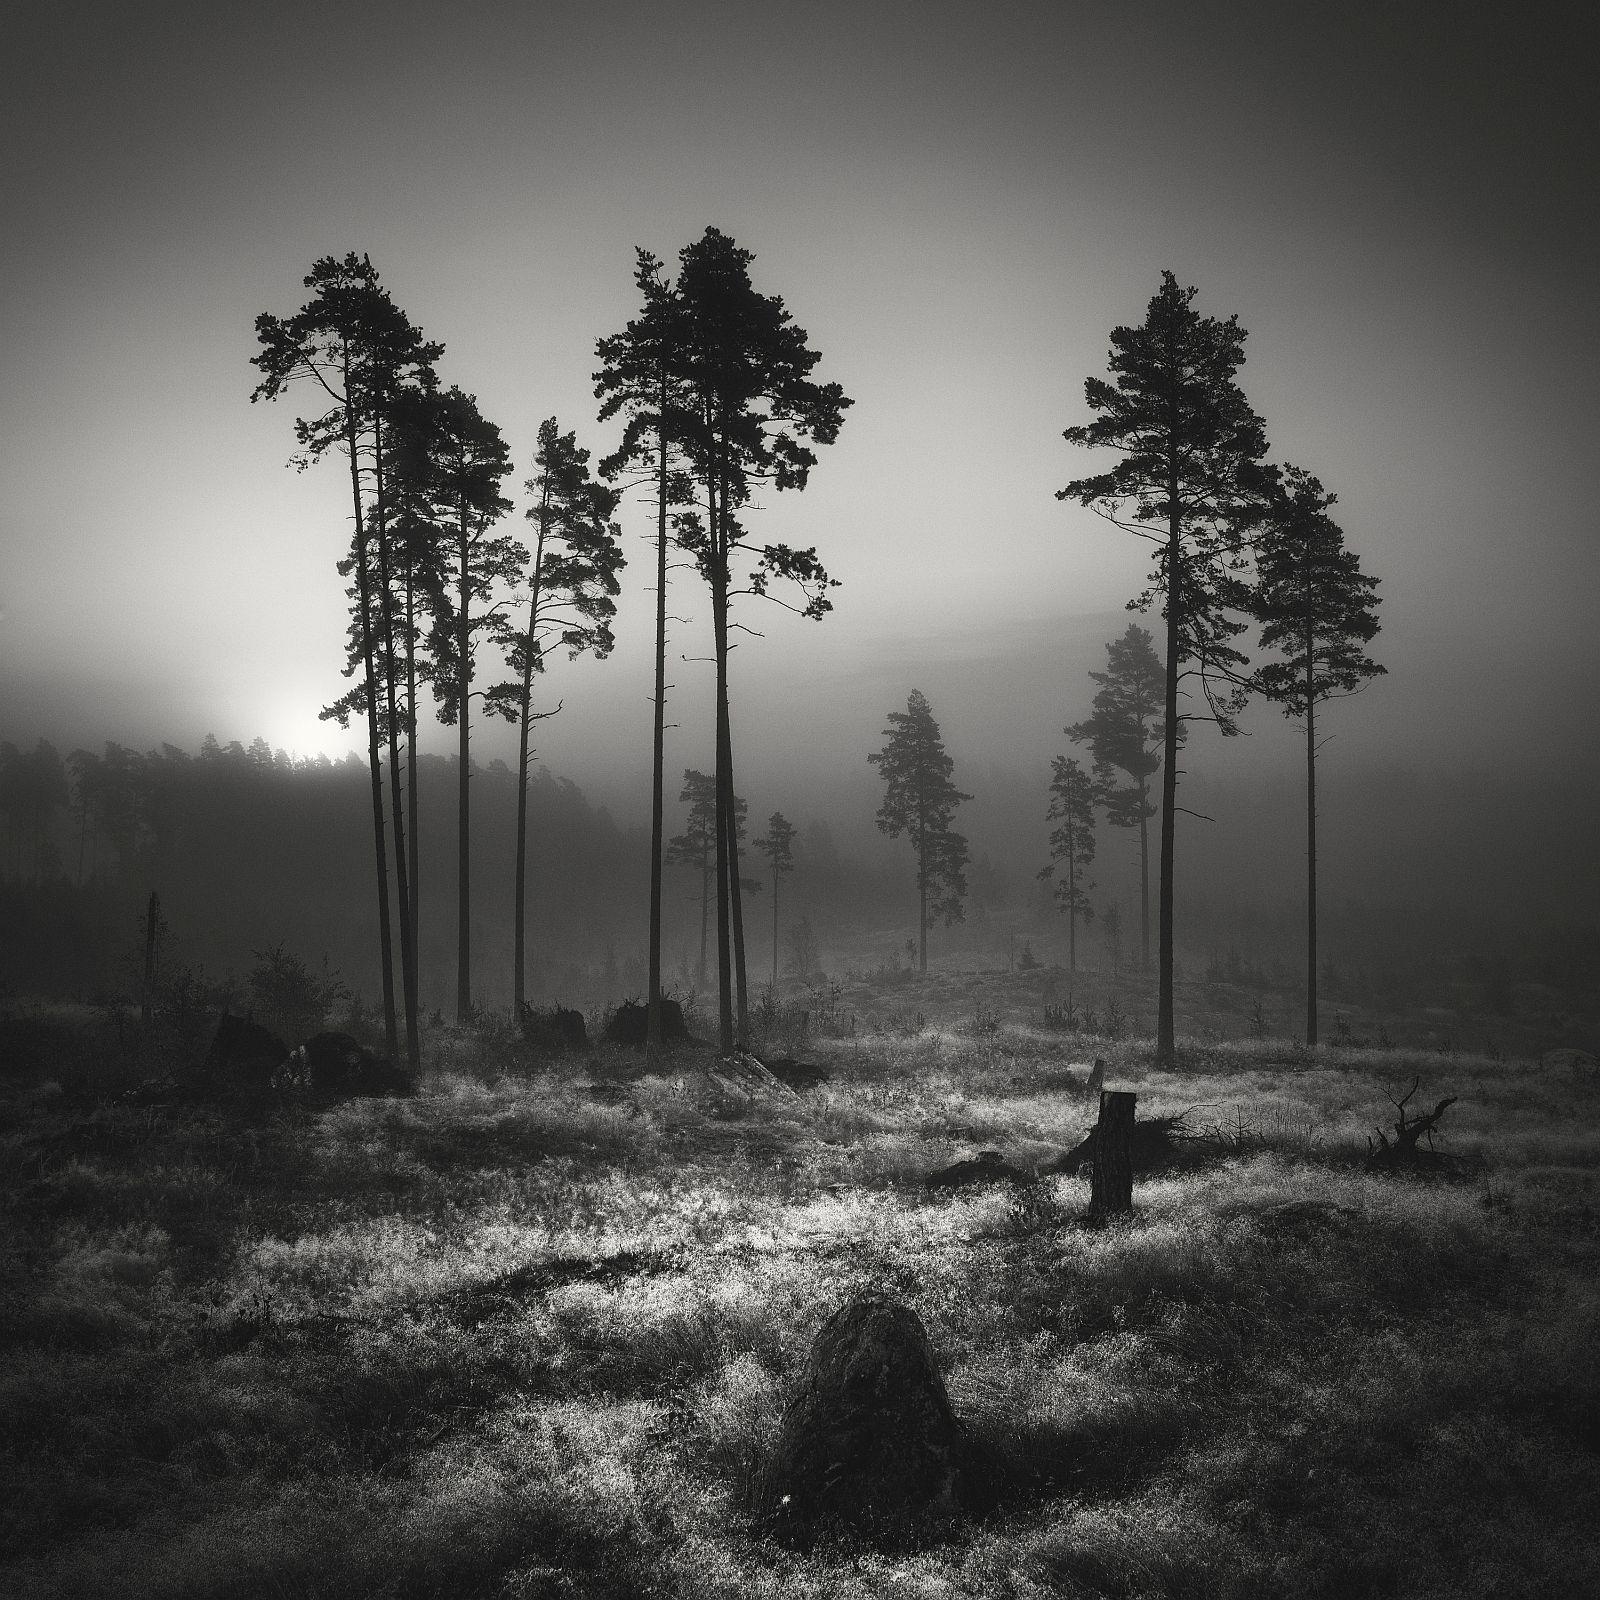 «Сосновые леса». Первое место в «Nature trees». Фото: Vesa Pihanurmi